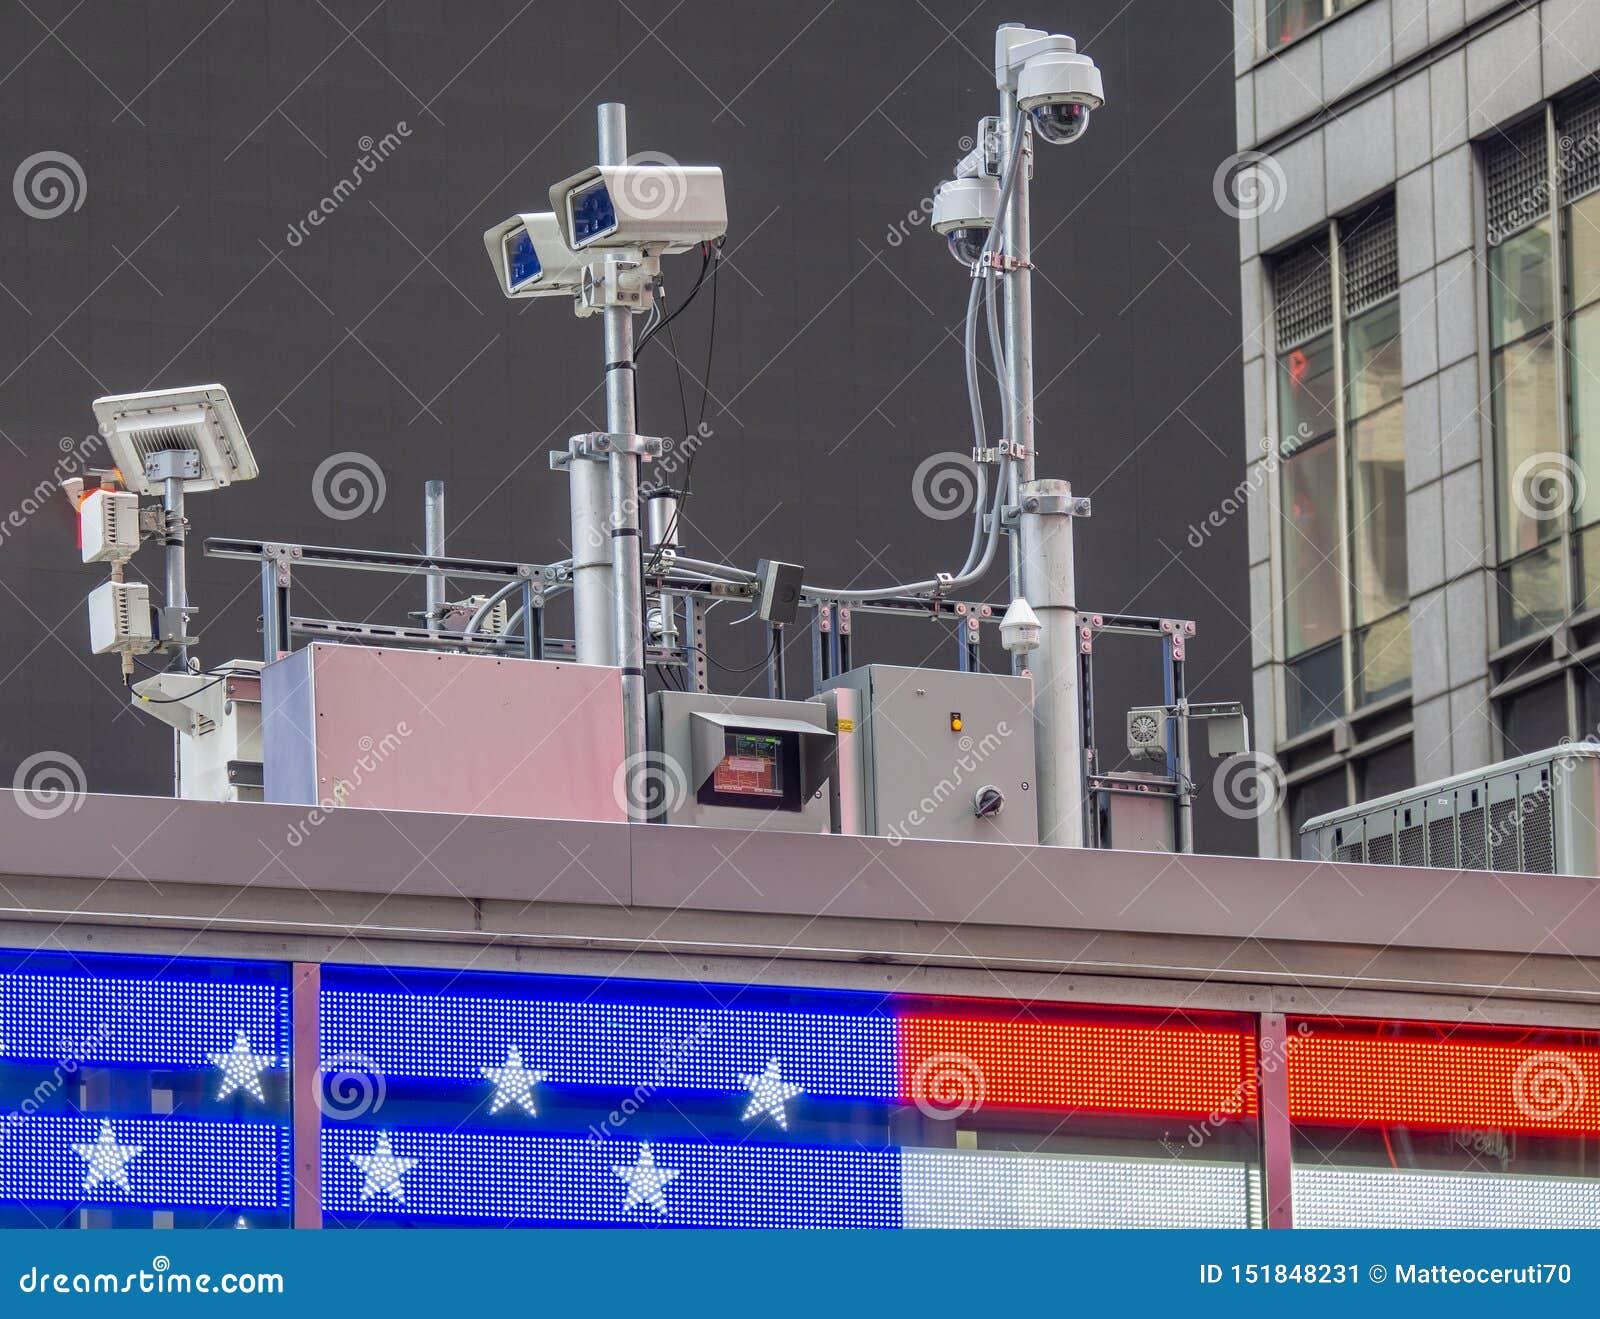 Nowy Jork, NY, usa Milicyjny wideo system obserwacji w centrum miasta Kamery które kontrolują najwięcej wrażliwych obszarów miast